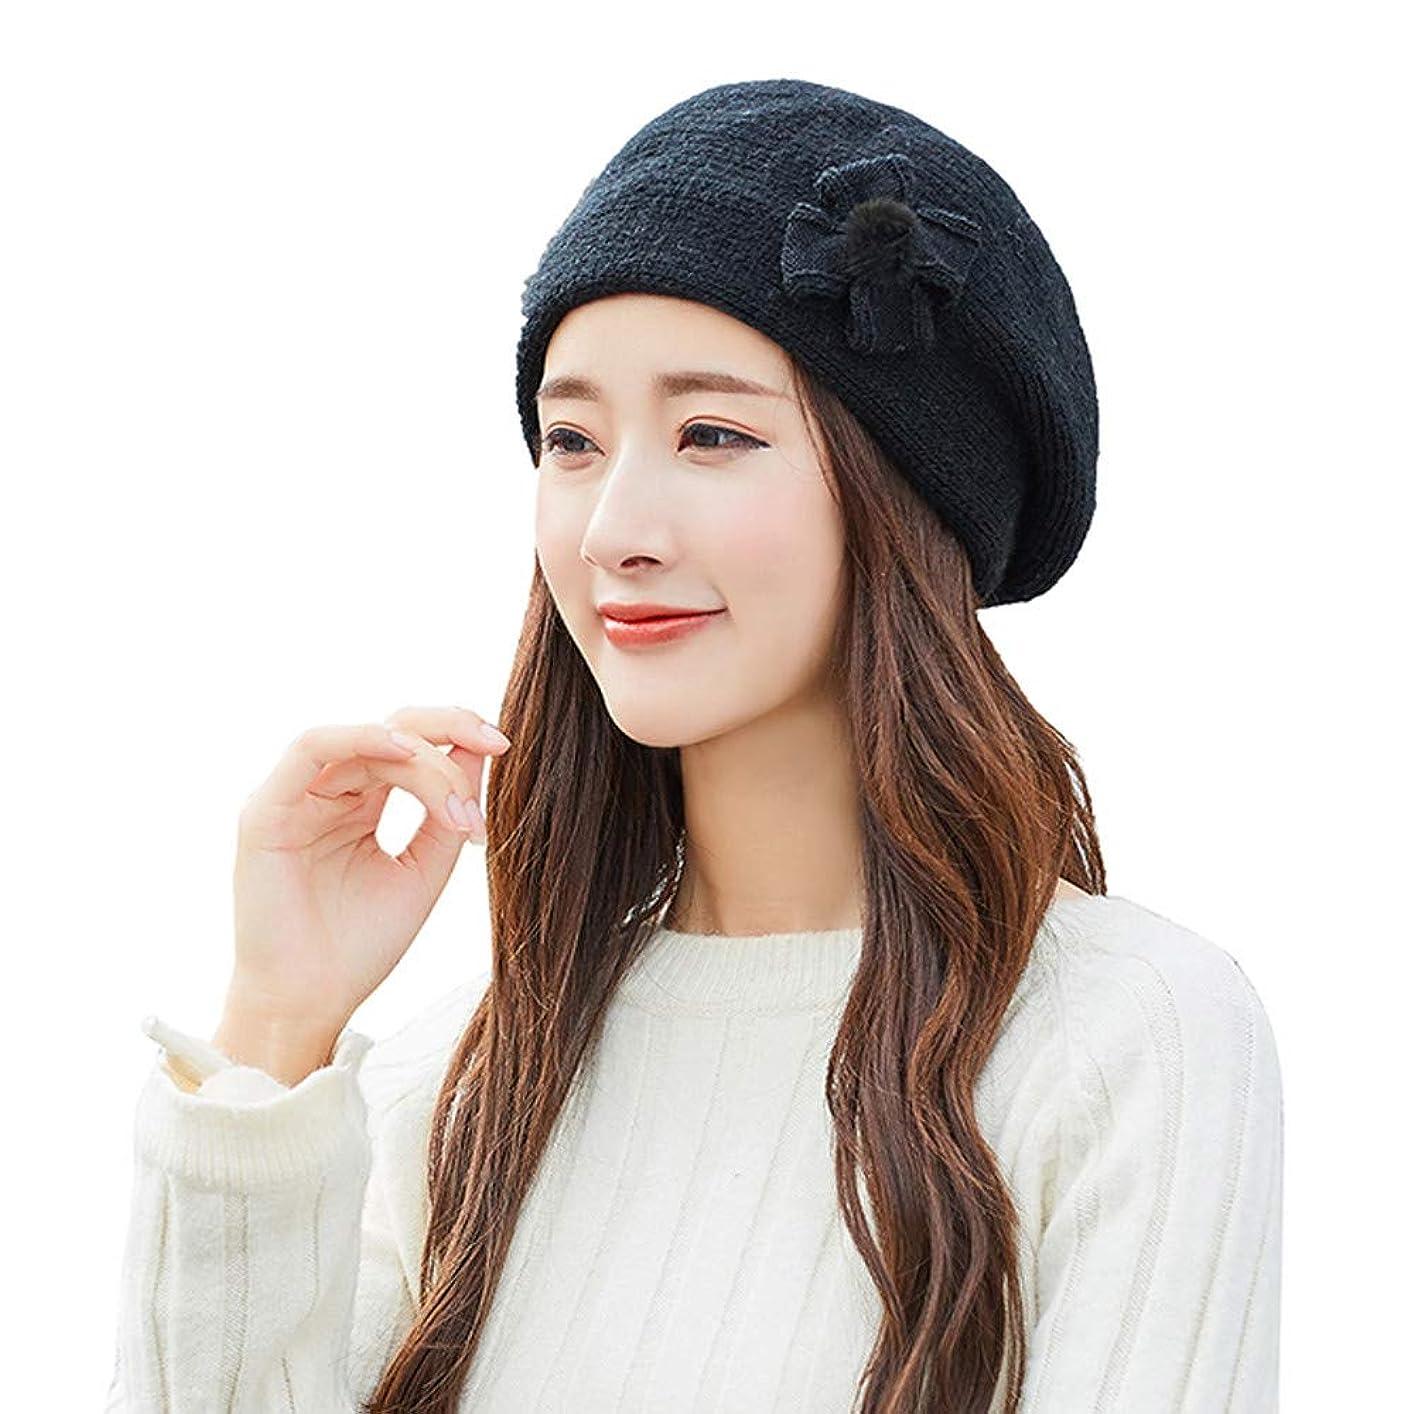 策定するより平らな怪しいYeefant ニット帽 レディー 帽子 ニットハット 編み ベレー帽 花柄 無地 おしゃれ ビーニー ニットキャップ ニット帽 可愛い 防寒 暖かい アウトドア スノーボード スキー 防寒対策